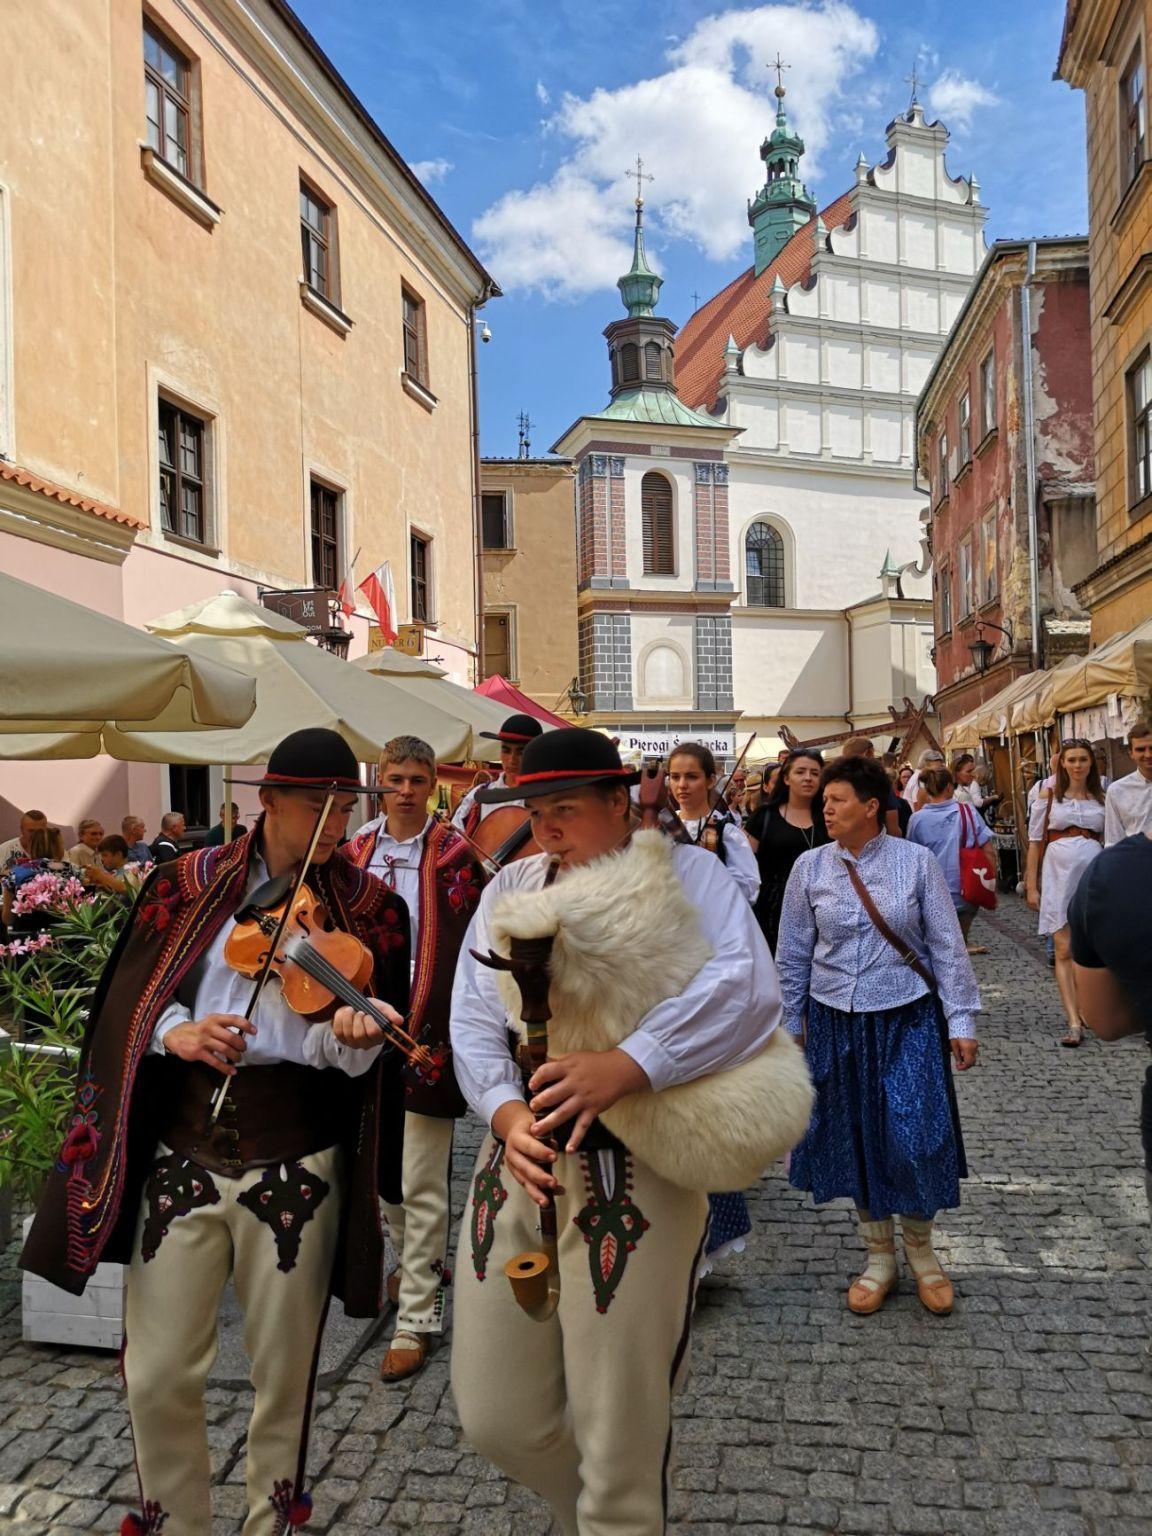 jarmark jagielloński lublin weekend festiwal co zwiedzić co zobaczyć atrakcje